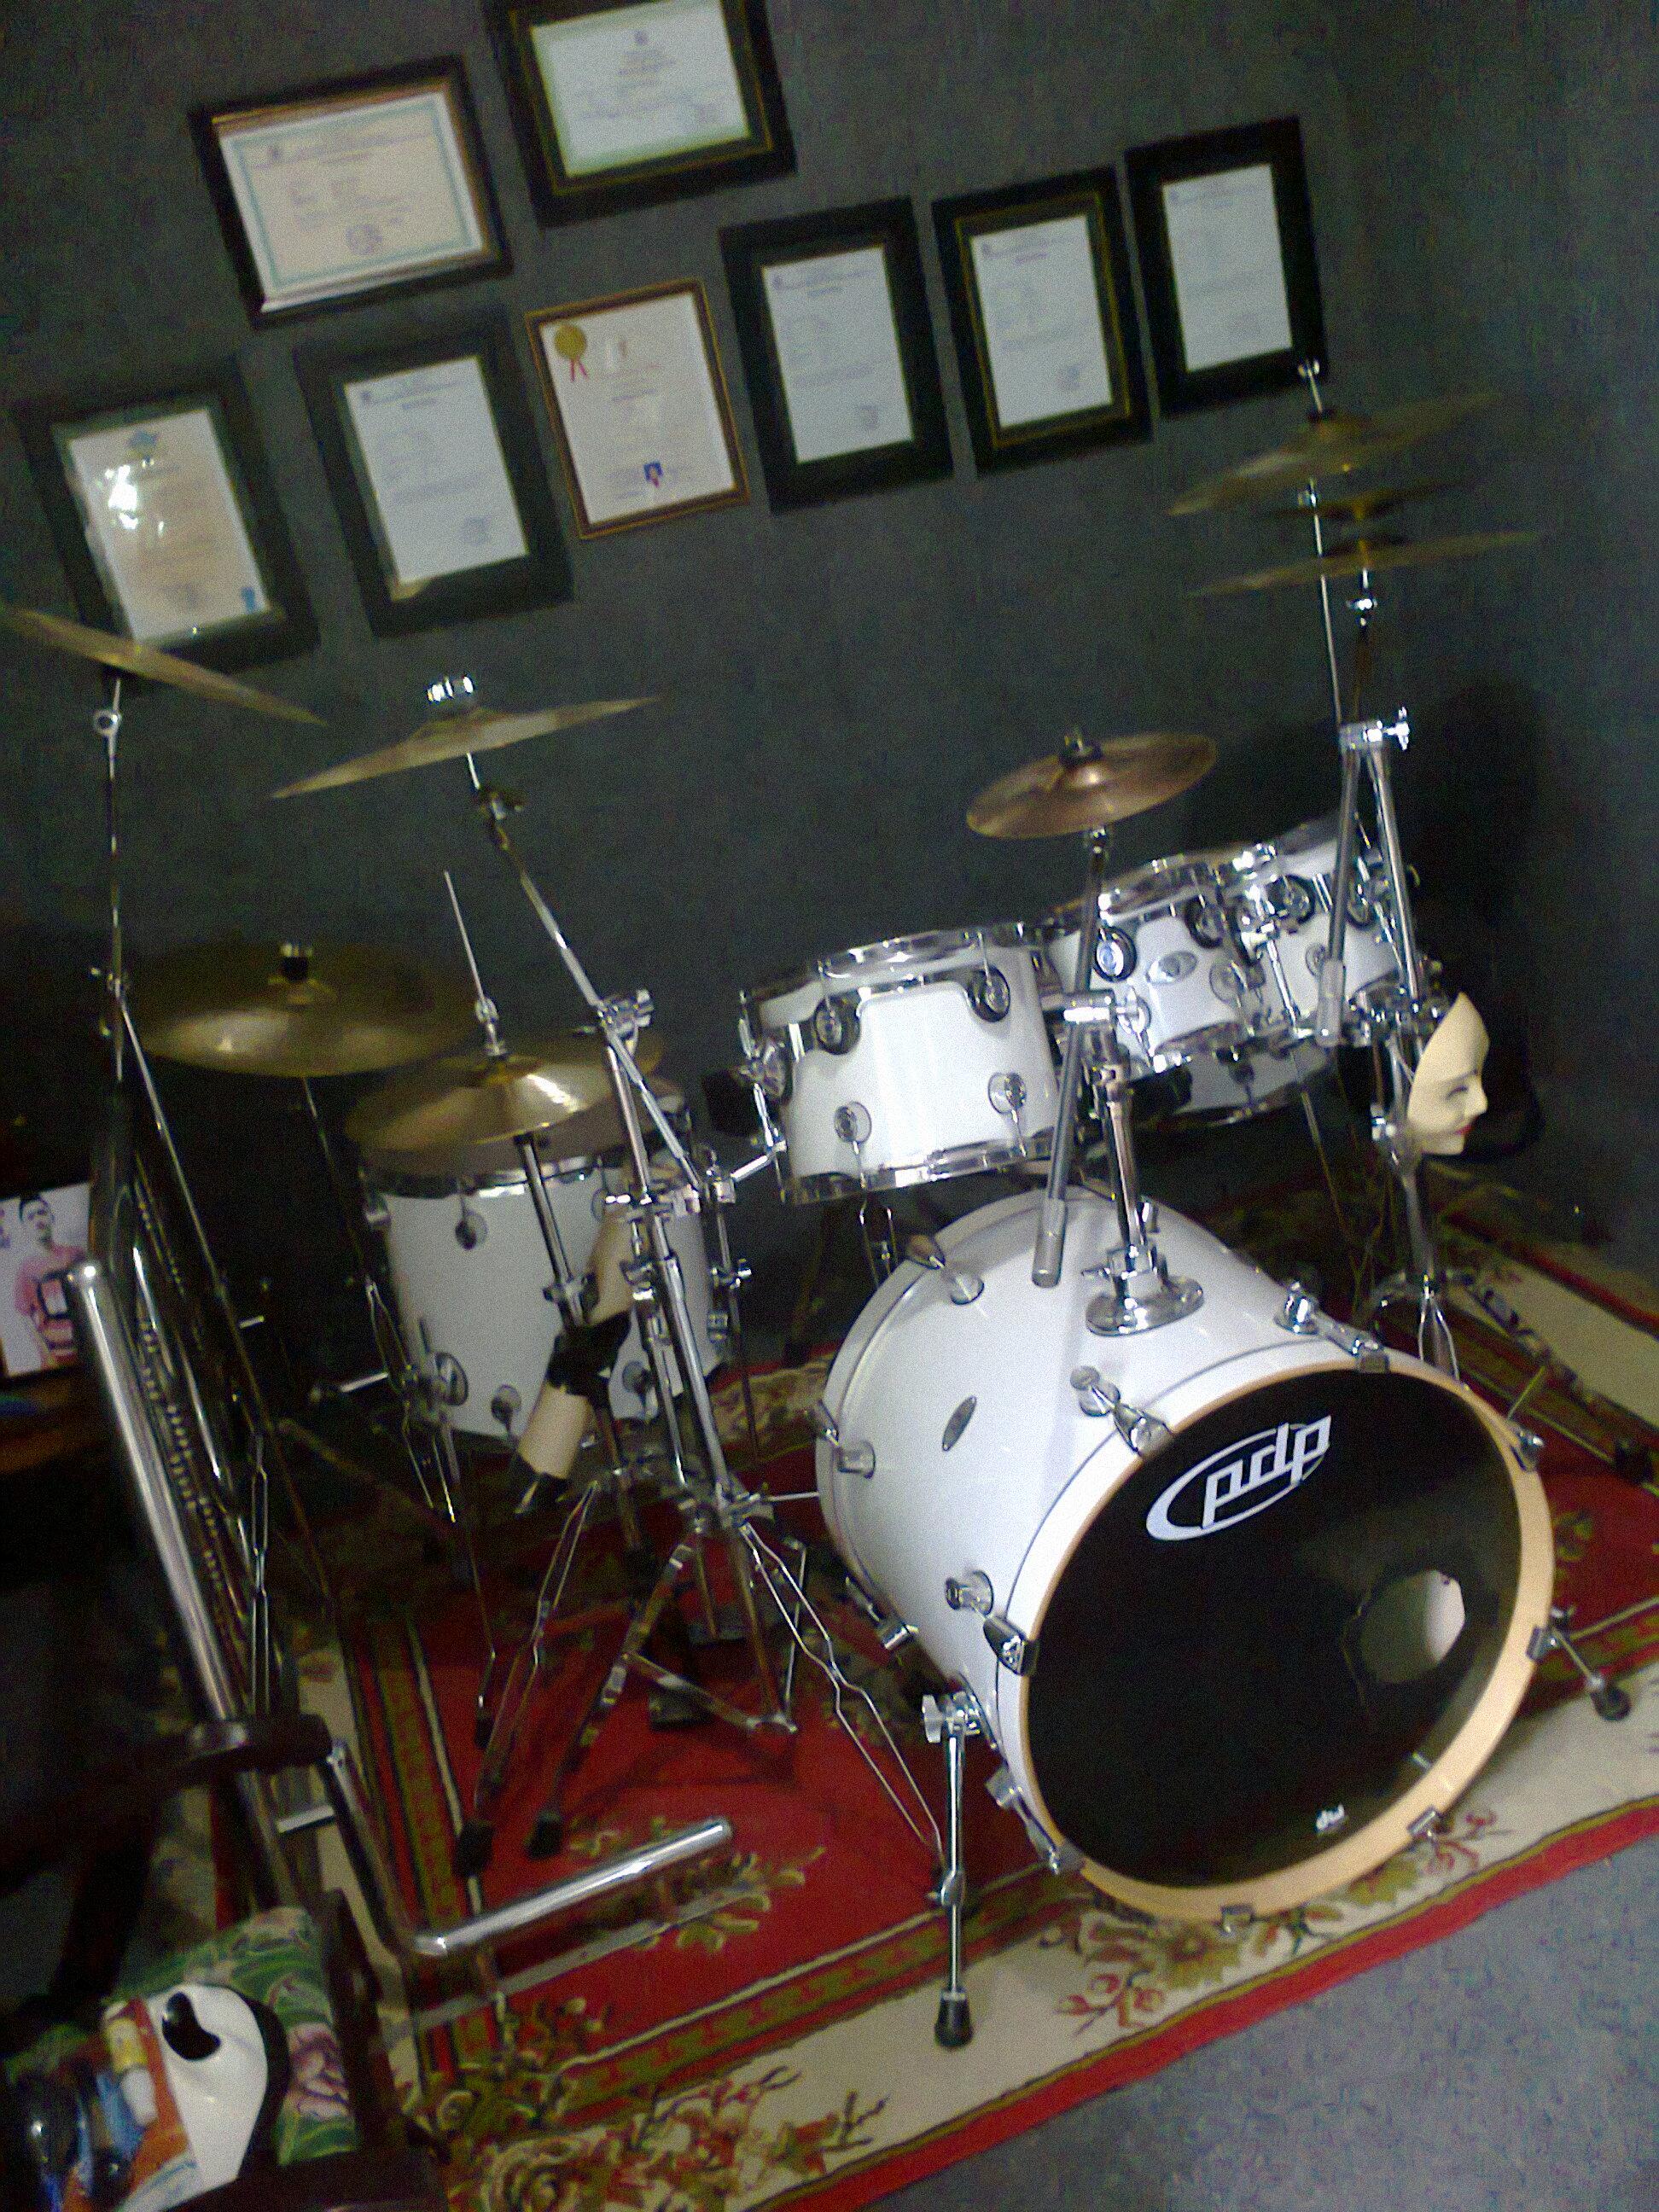 drummer terbaik indonesia dan dunia kumpulan tips drum tempat belajar drum cara bermain. Black Bedroom Furniture Sets. Home Design Ideas